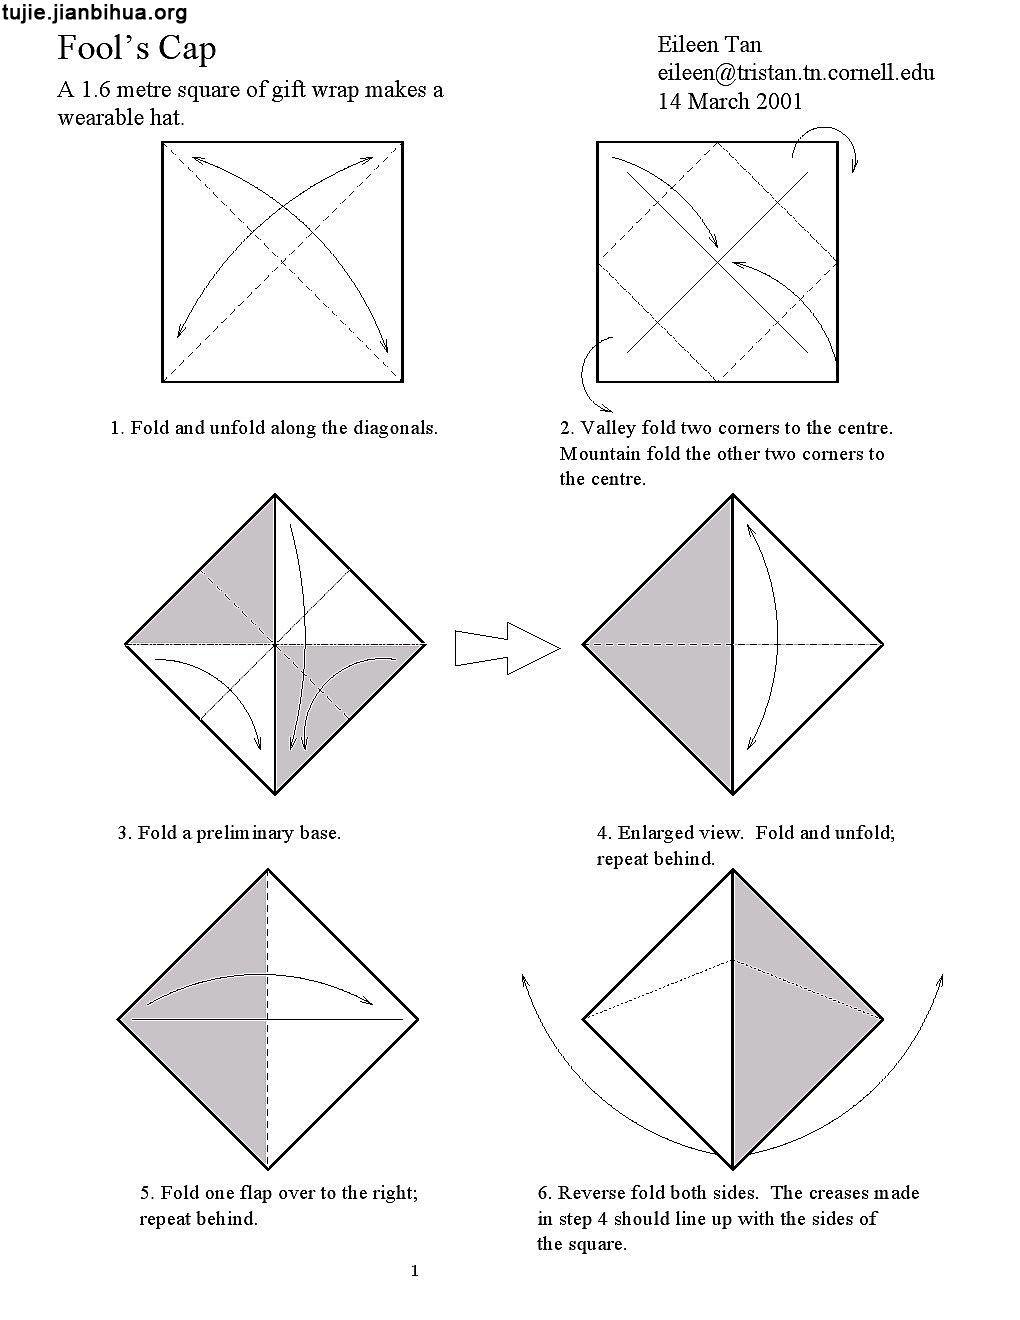 报纸帽子的折法图解_小丑帽子折纸步骤图解